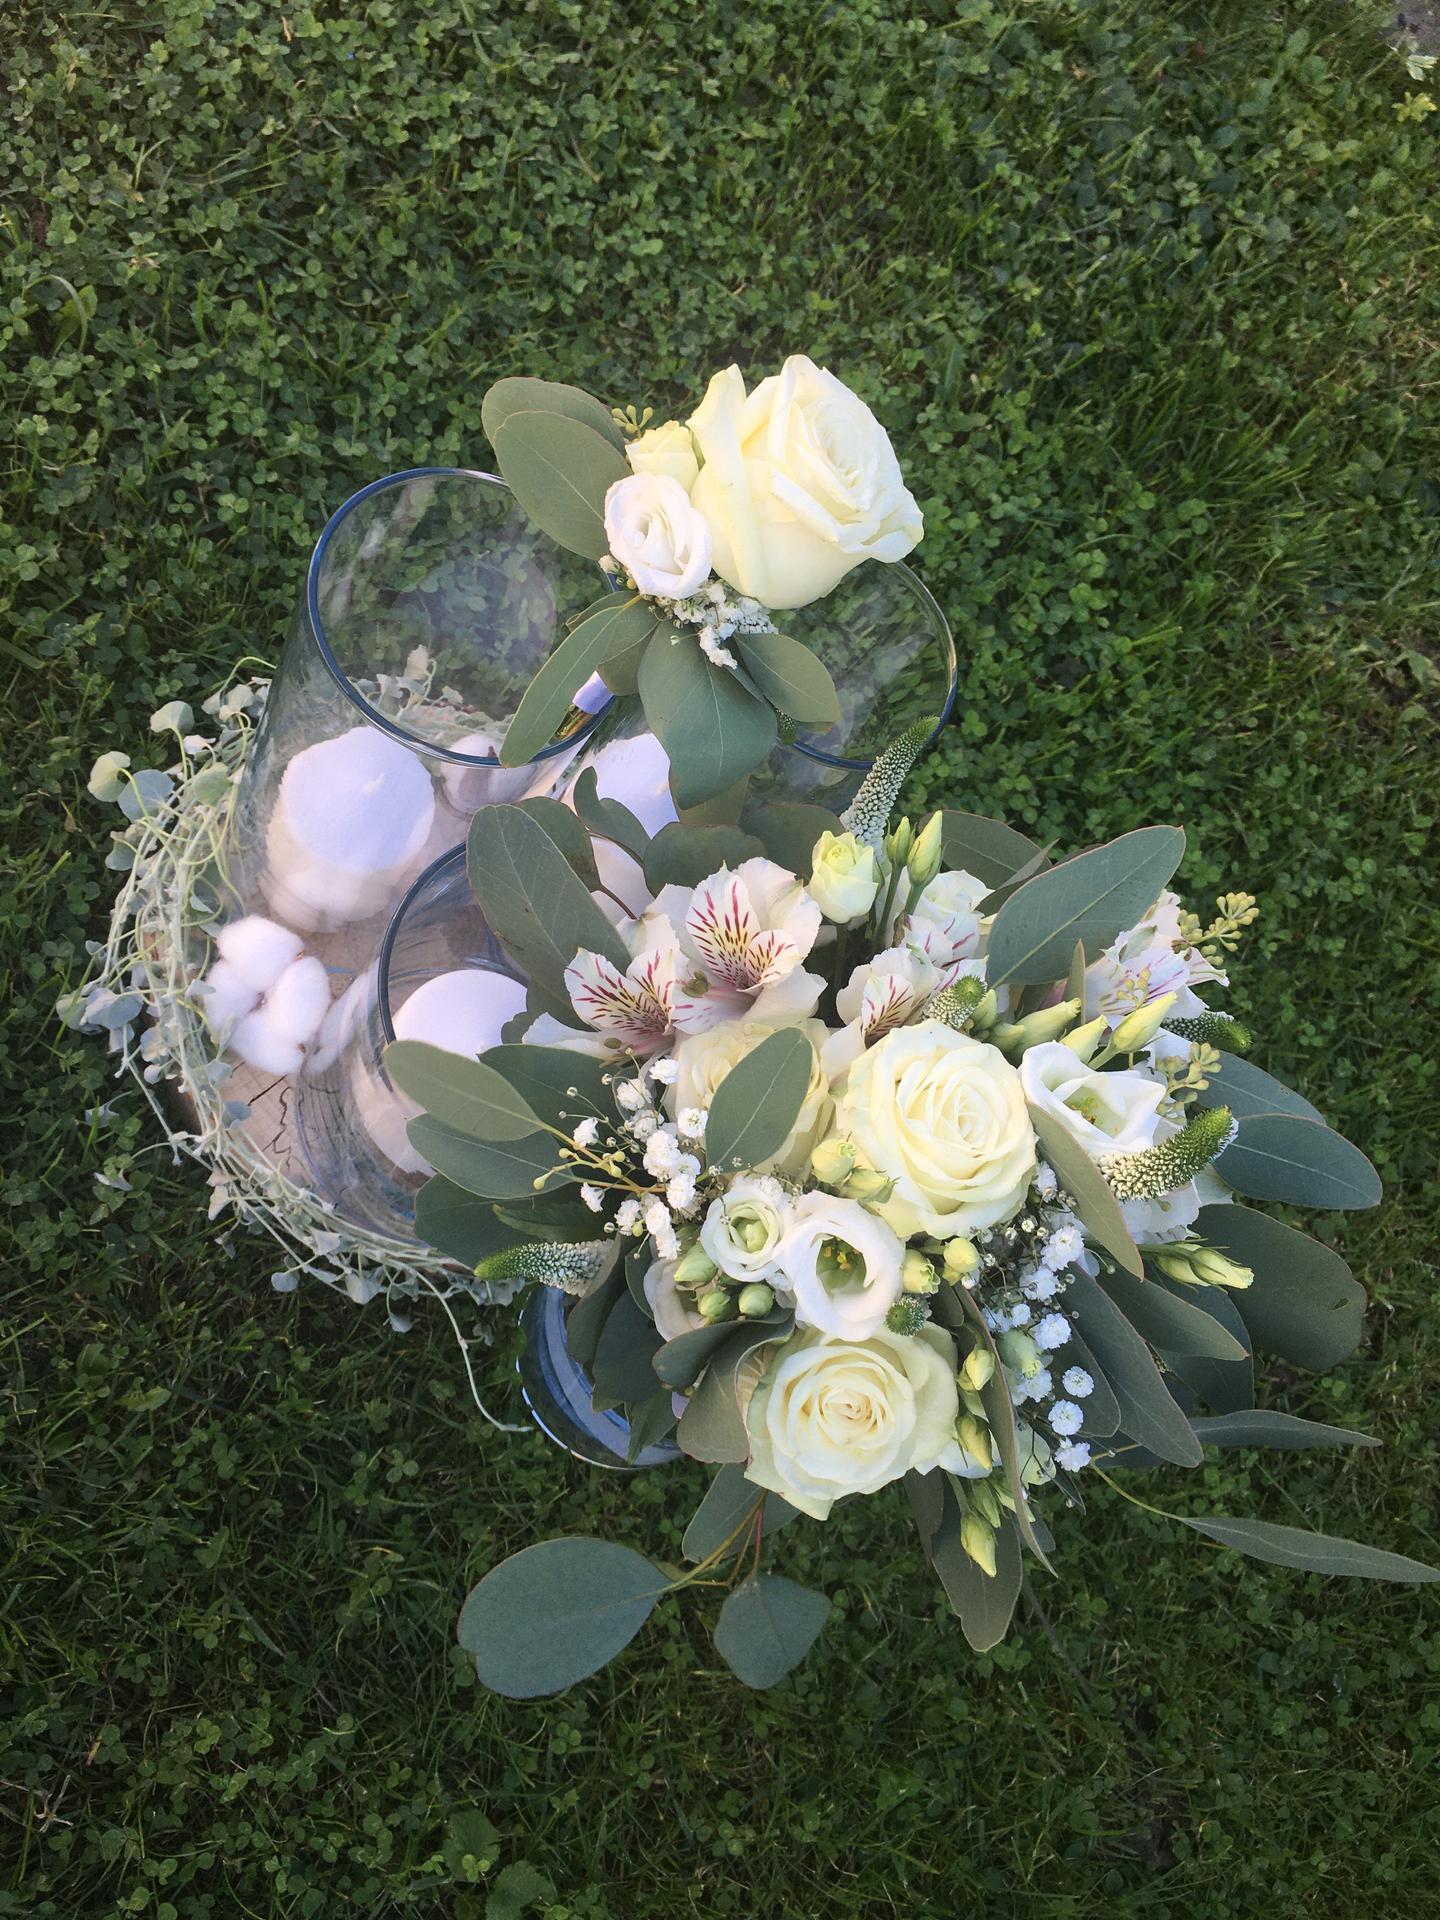 ♥️ Zuzana   {{_AND_}}   Dominik ♥️ - Moja svadobná kytica a pierko pre manžela 😍 a trošku výzdoby, ktorú sme mali mať v sále na stoloch 😍